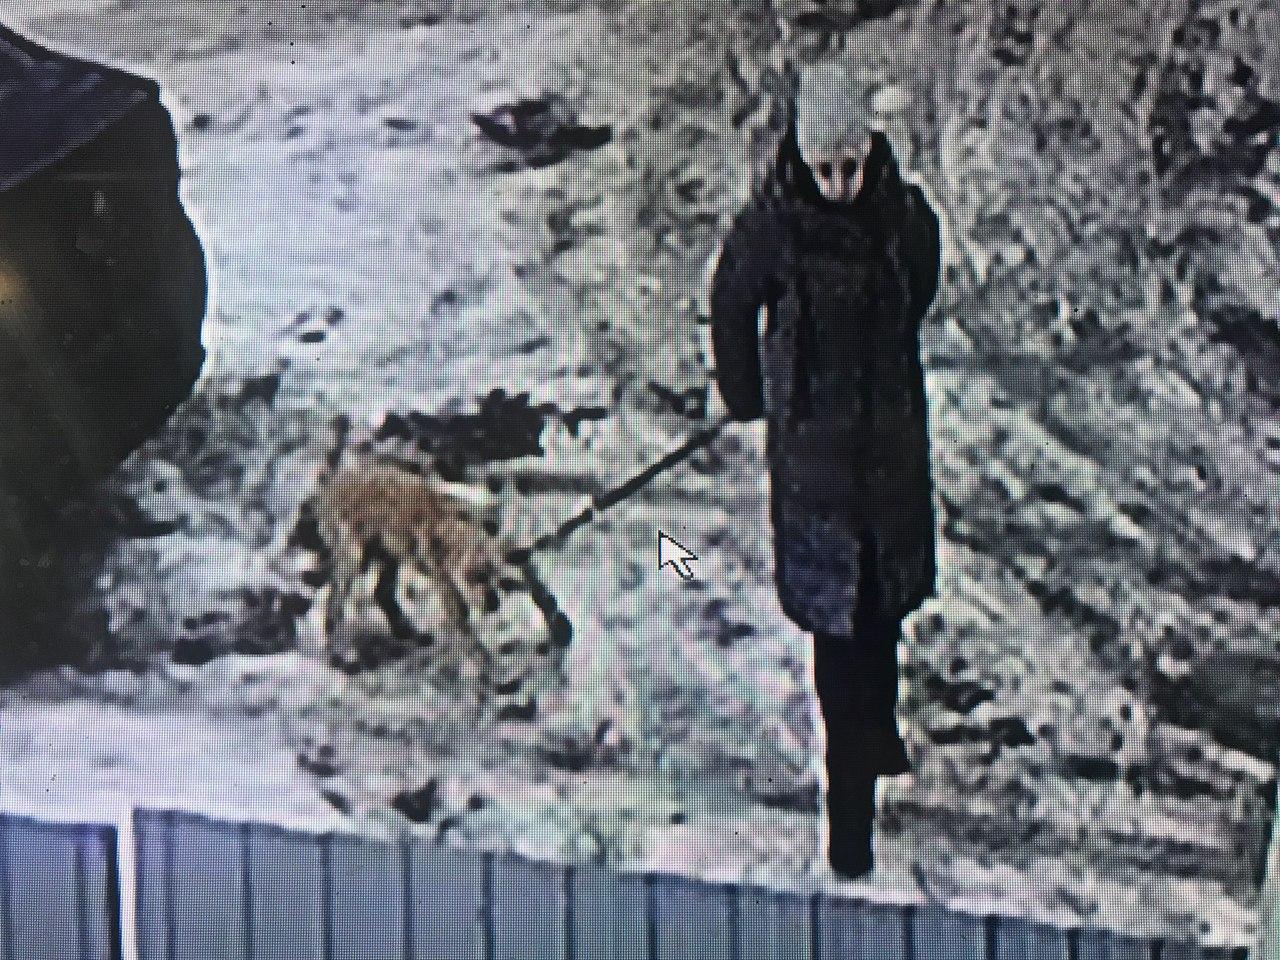 В Ярославле ищут женщину, которая подбросила щенка к чужому дому и сбежала